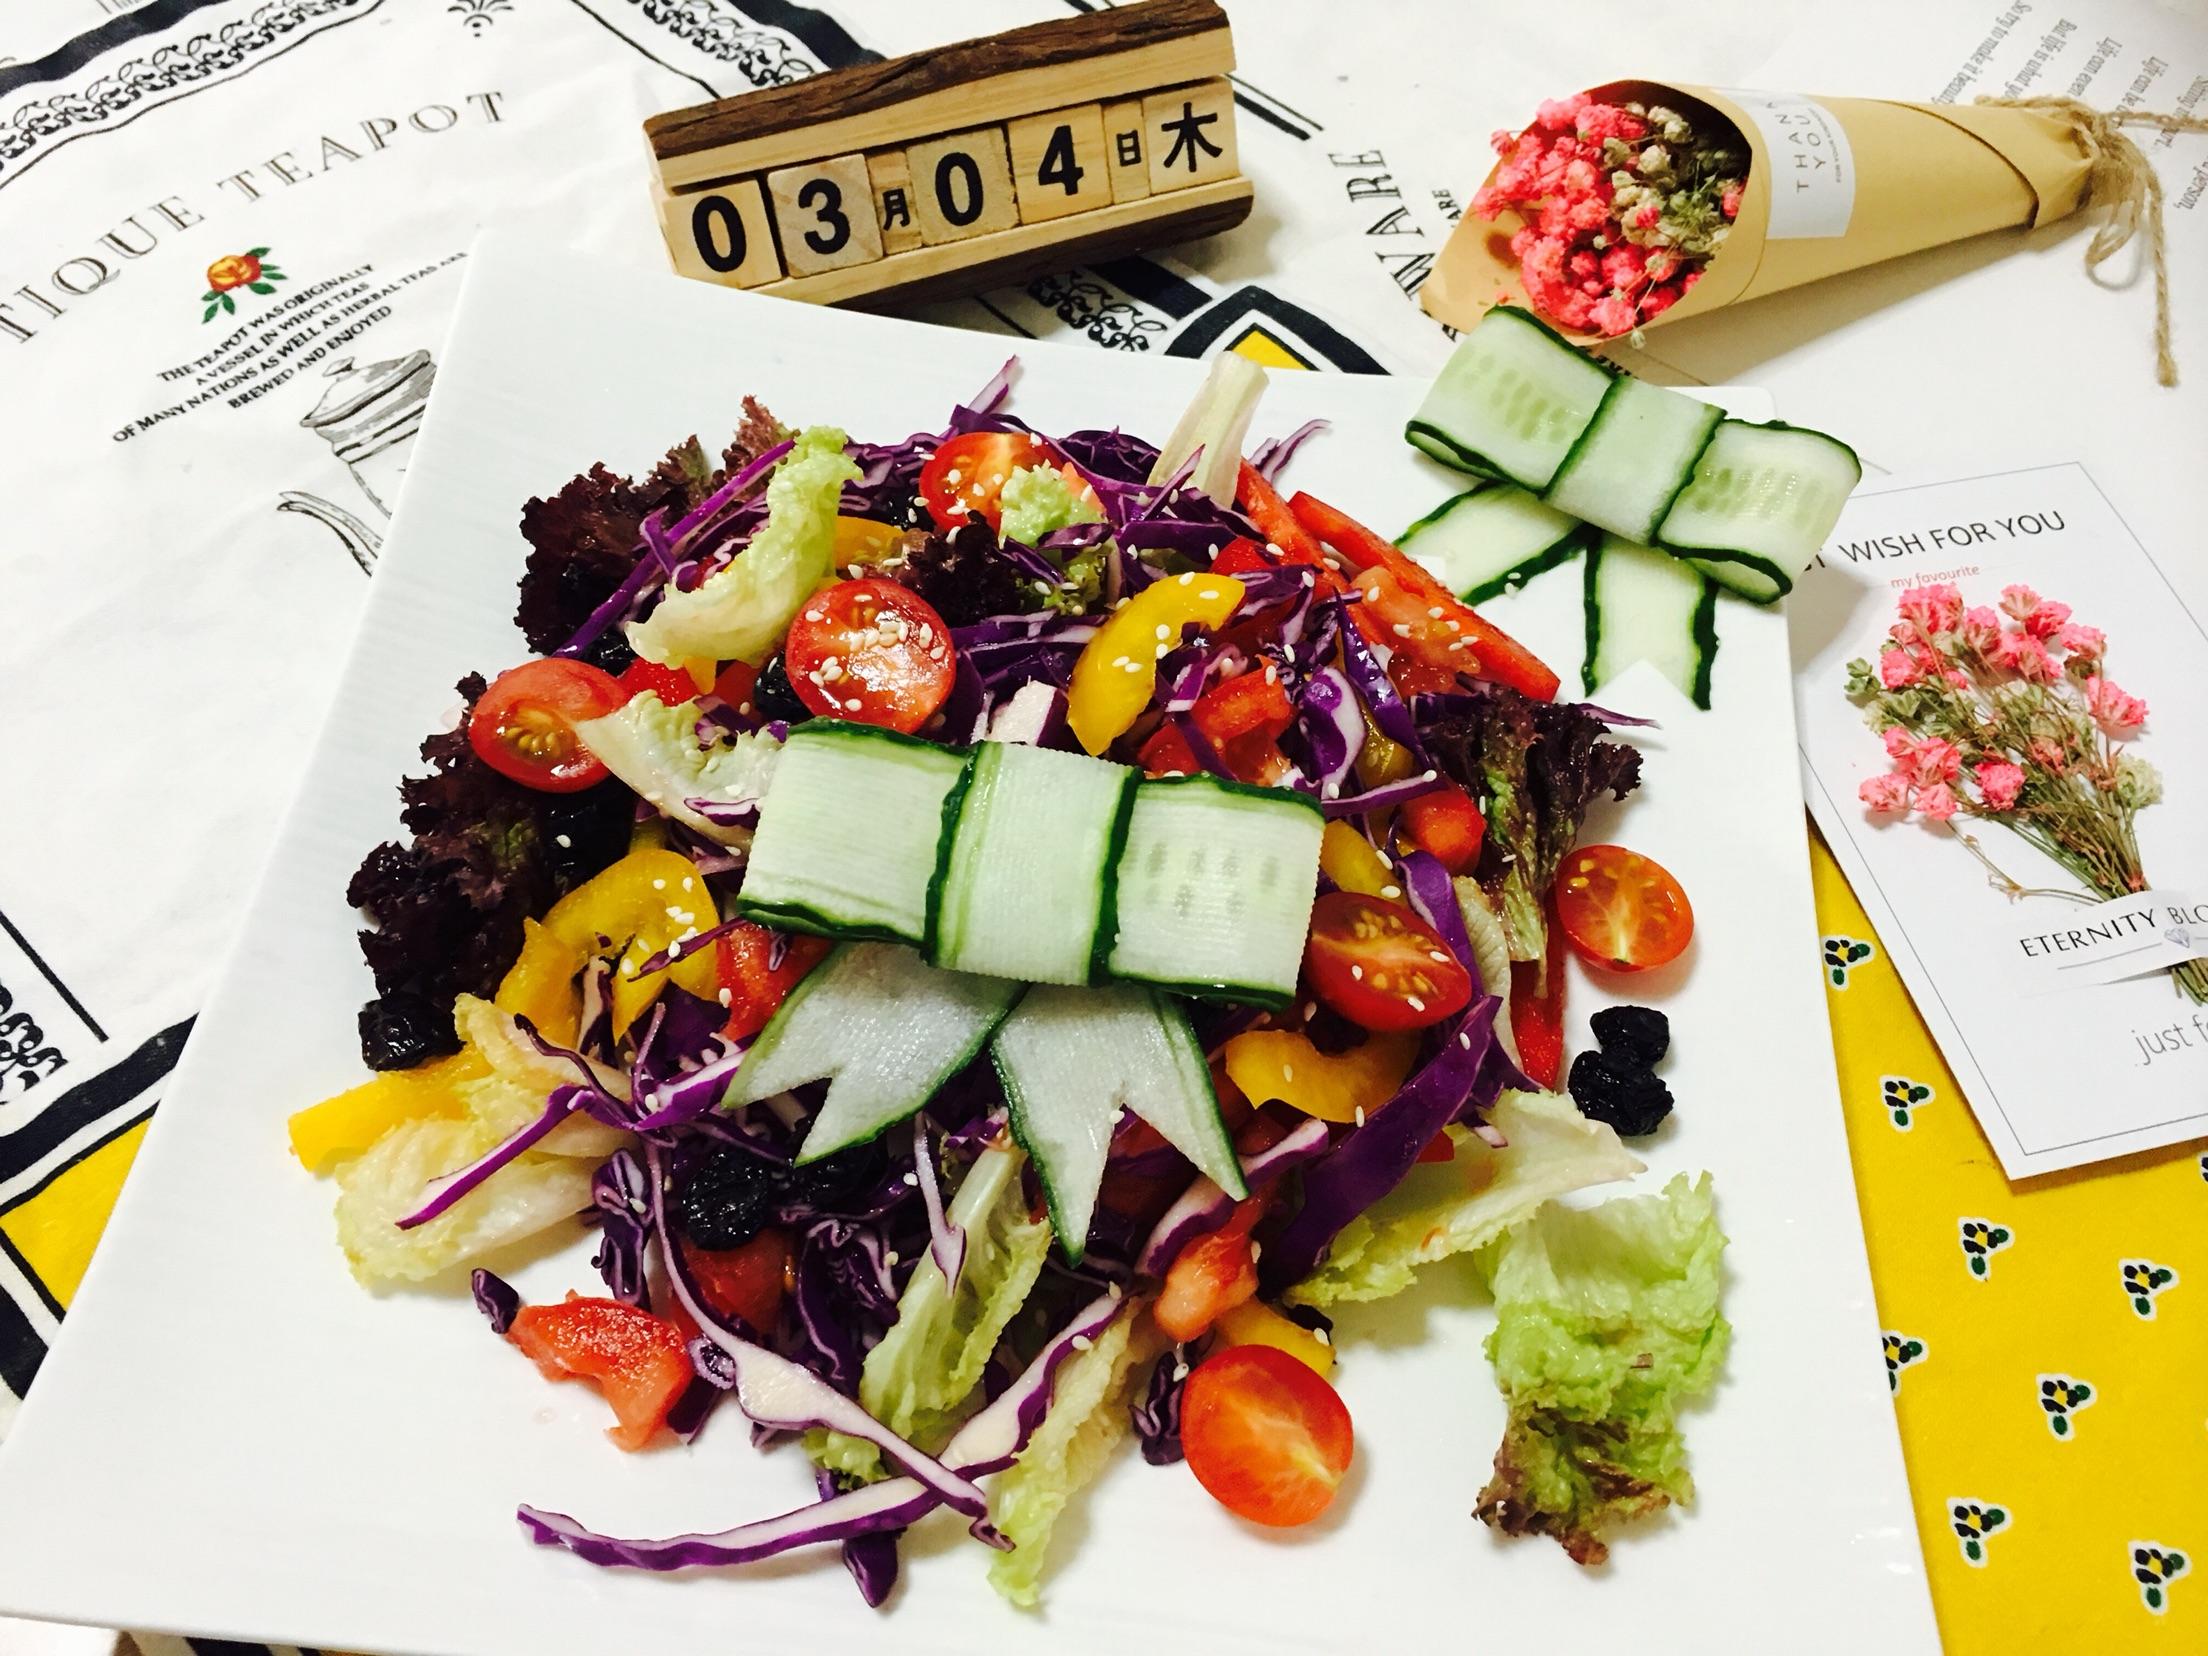 蔬菜沙拉的做法步骤        本菜谱的做法由  编写,未经授权不得